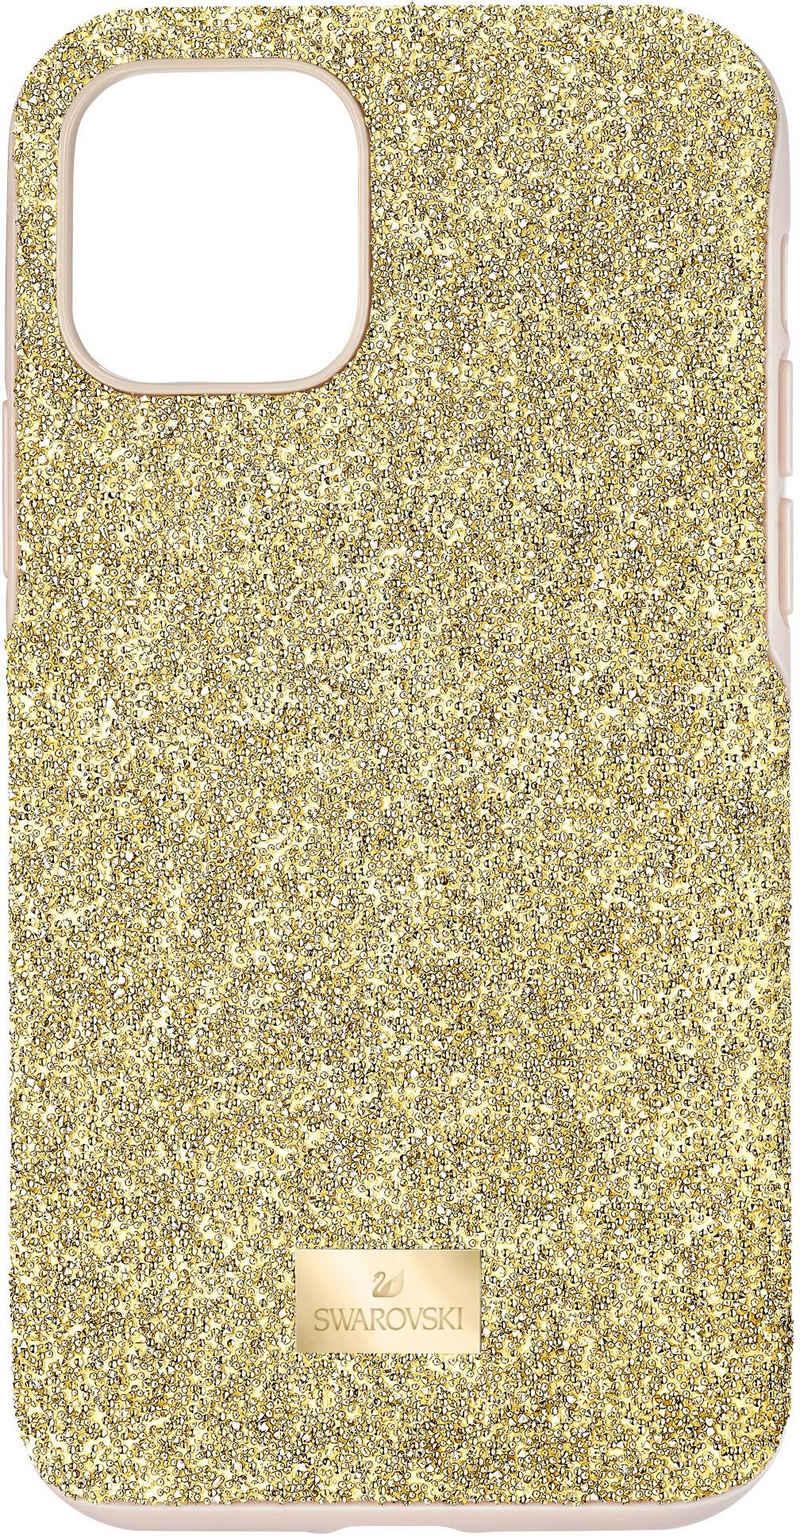 Swarovski Smartphone-Hülle »High Smartphone Schutzhülle mit integriertem Stoßschutz, iPhone® 11 Pro, goldfarben, 5533961« iPhone 11 Pro, mit Swarovski® Kristallen